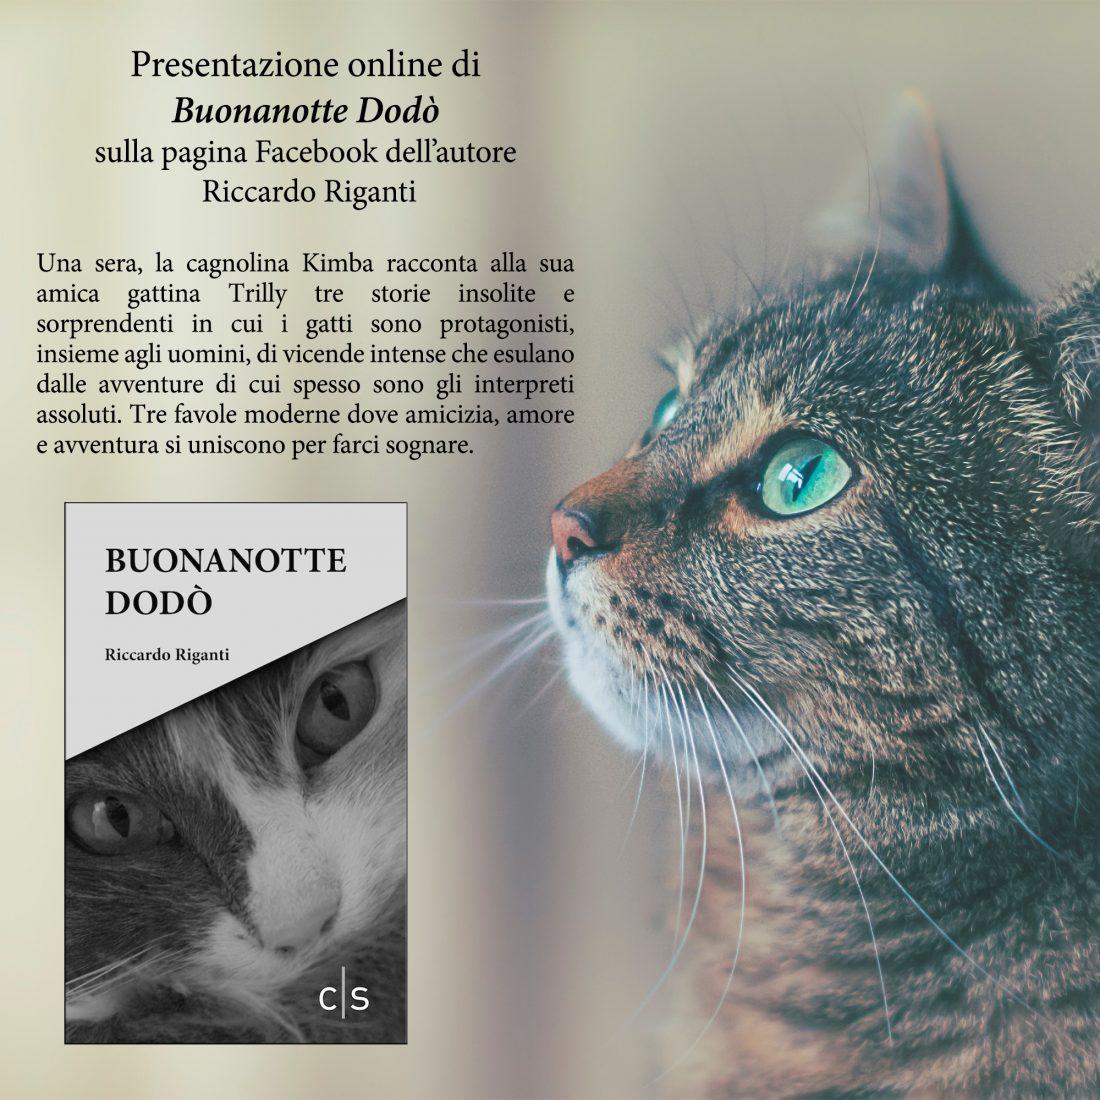 Presentazione online: Buonanotte Dodò